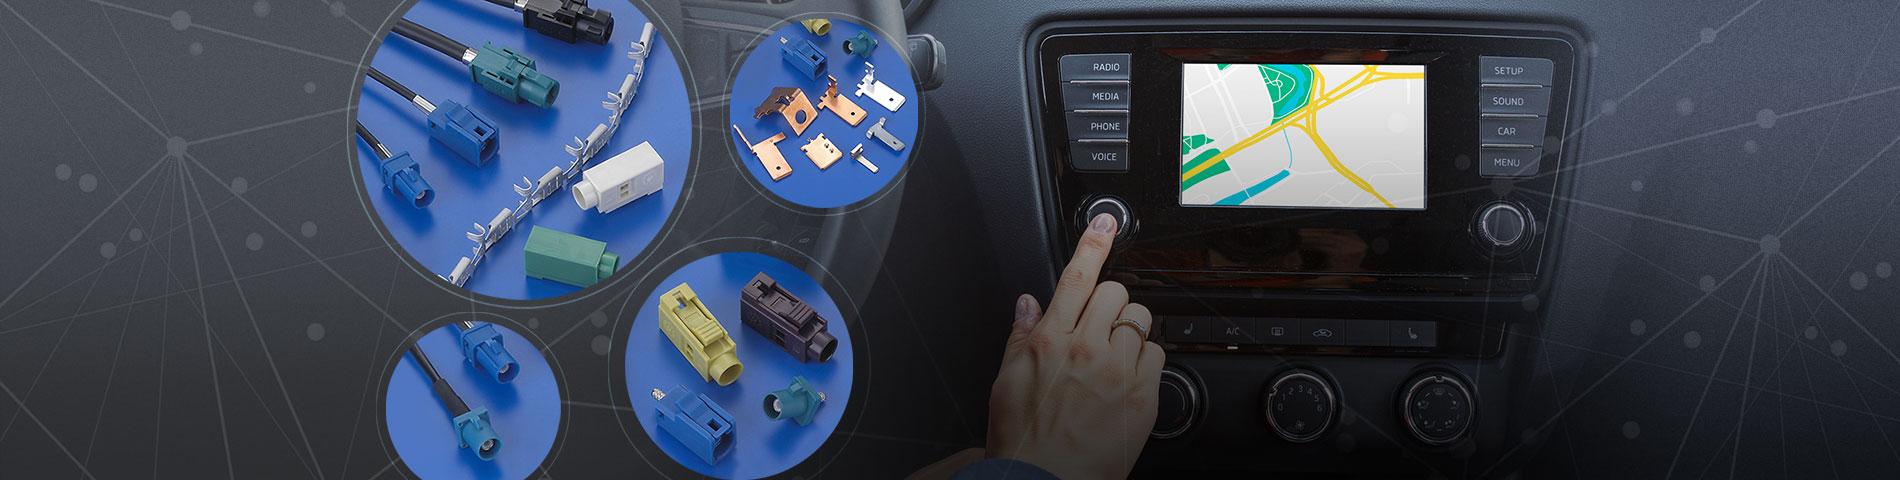 Connecteur automobile APPLICATION